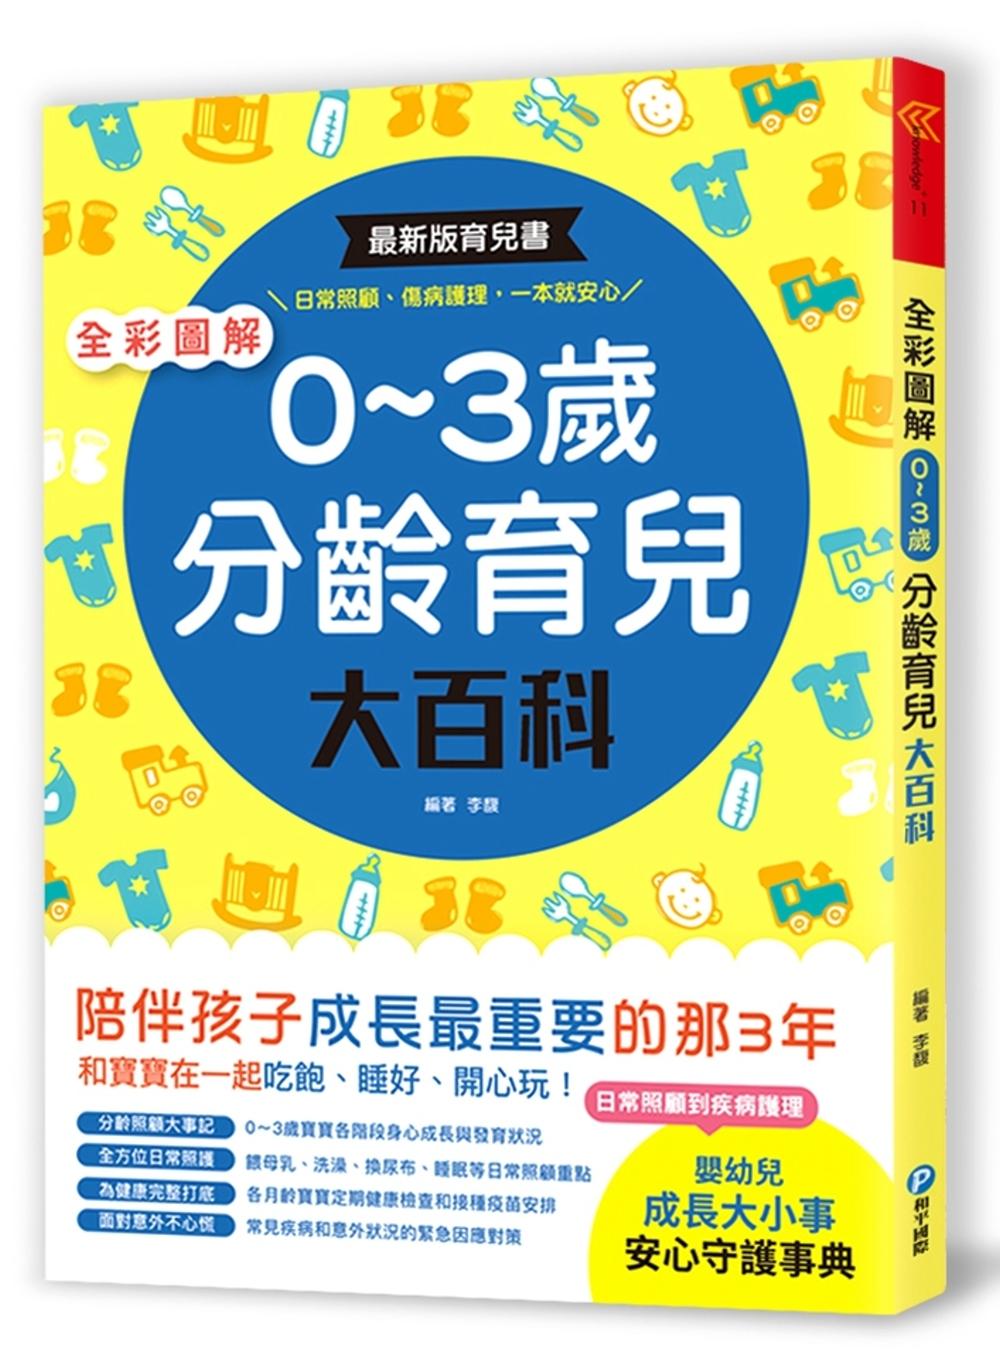 全彩圖解‧0~3歲分齡育兒大百科:最新版育兒書,日常照顧、傷病護理,一本就安心!